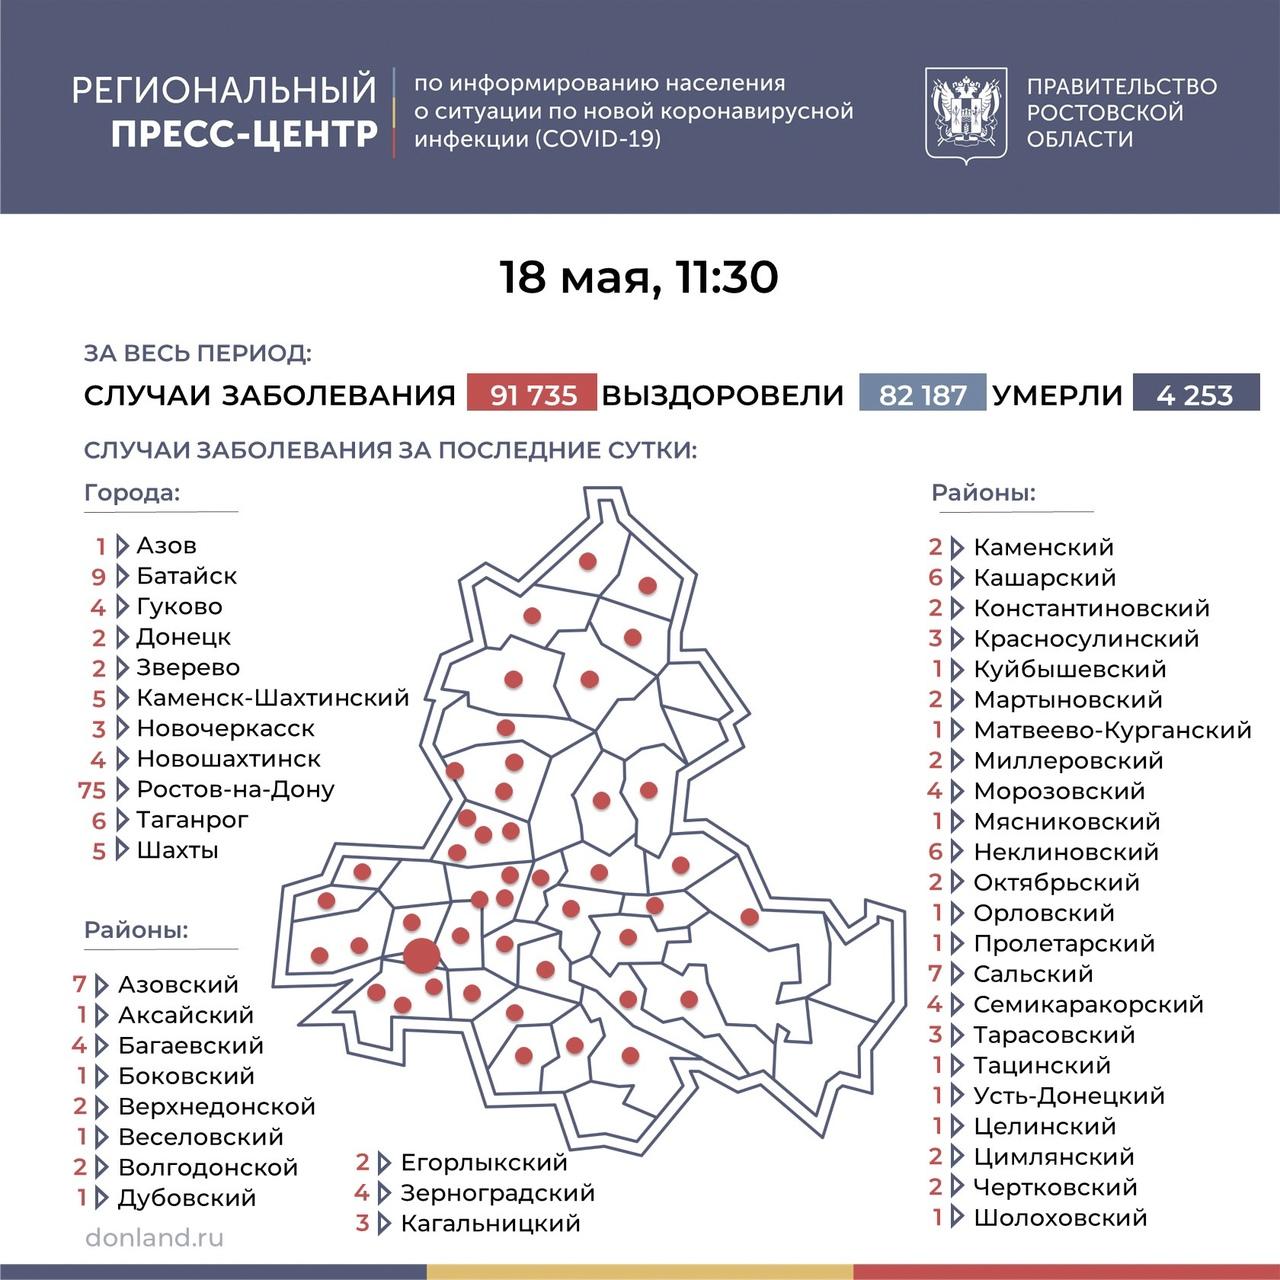 На Дону число инфицированных COVID-19 составляет 200, в Таганроге 6 новых случаев